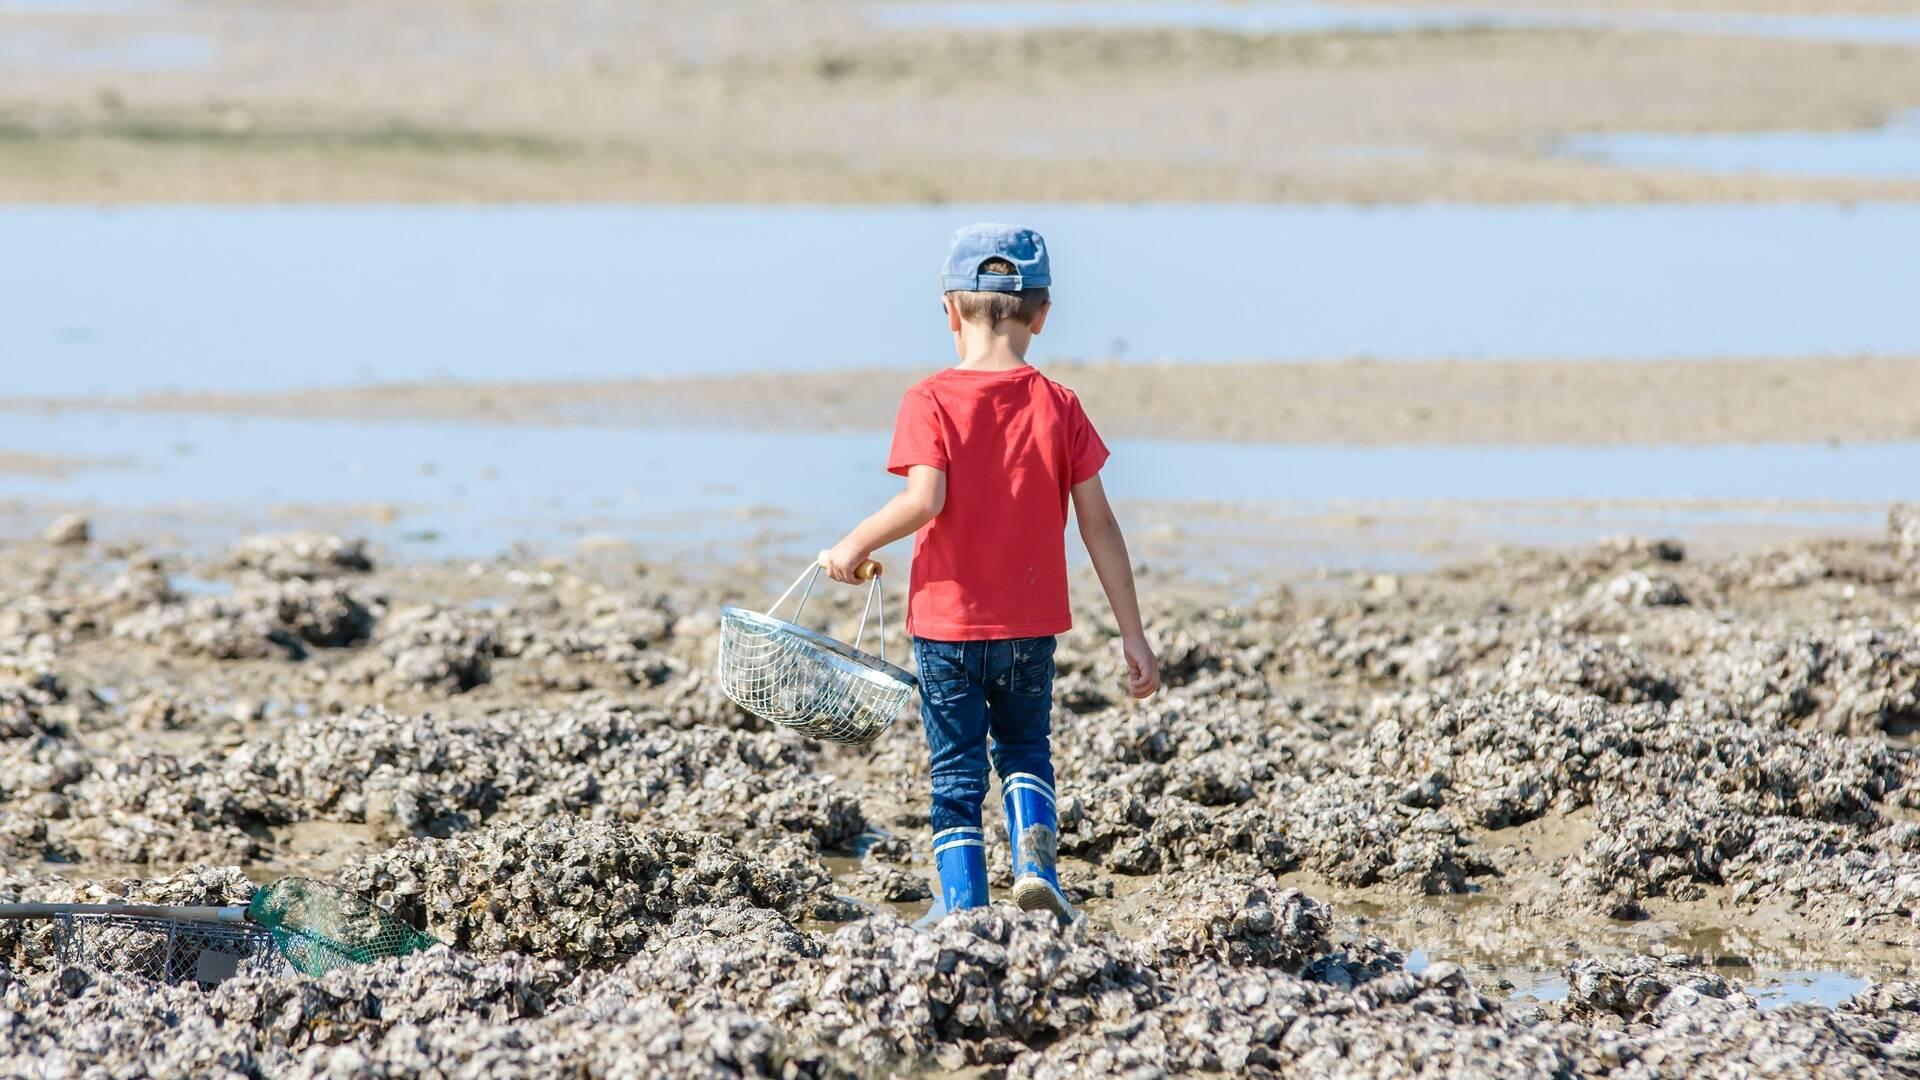 enfant à la pêche